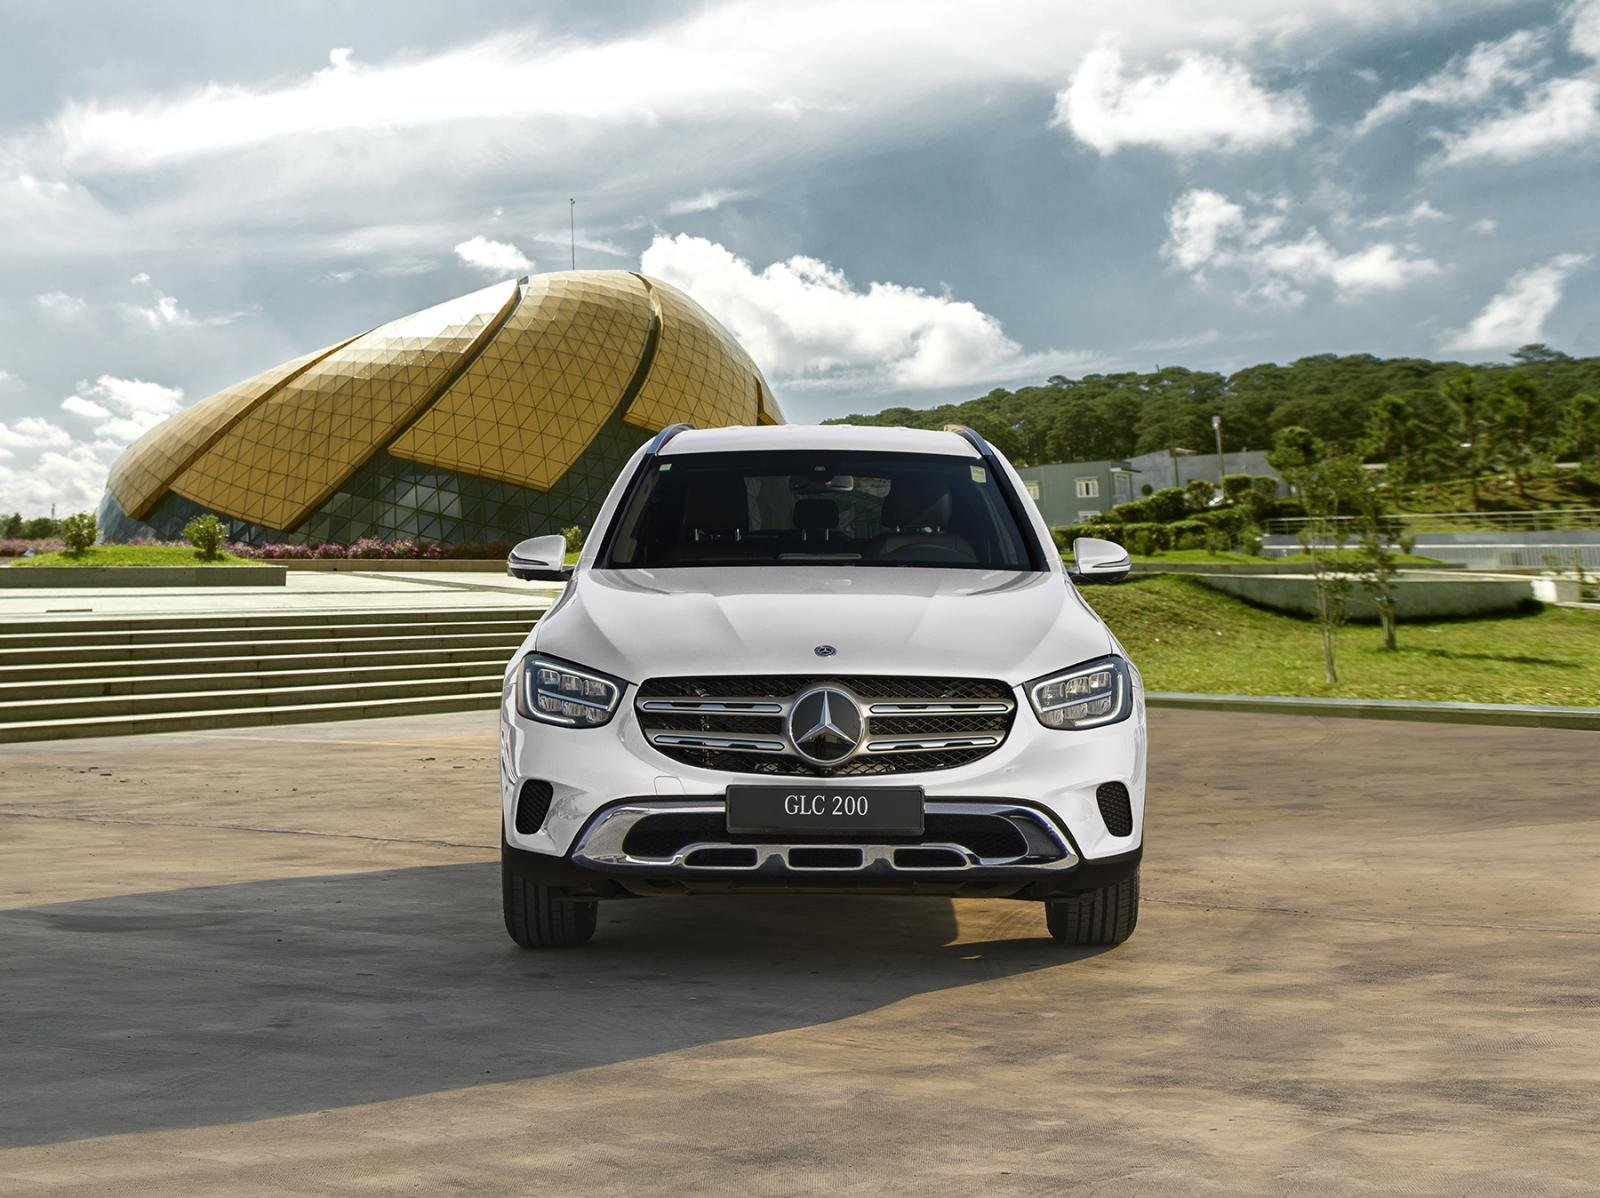 Mercedes-benz GLC 200 và GLC 200 4Matic 2020 chính thức ra mắt, giá từ 1,749 tỷ đồng a2